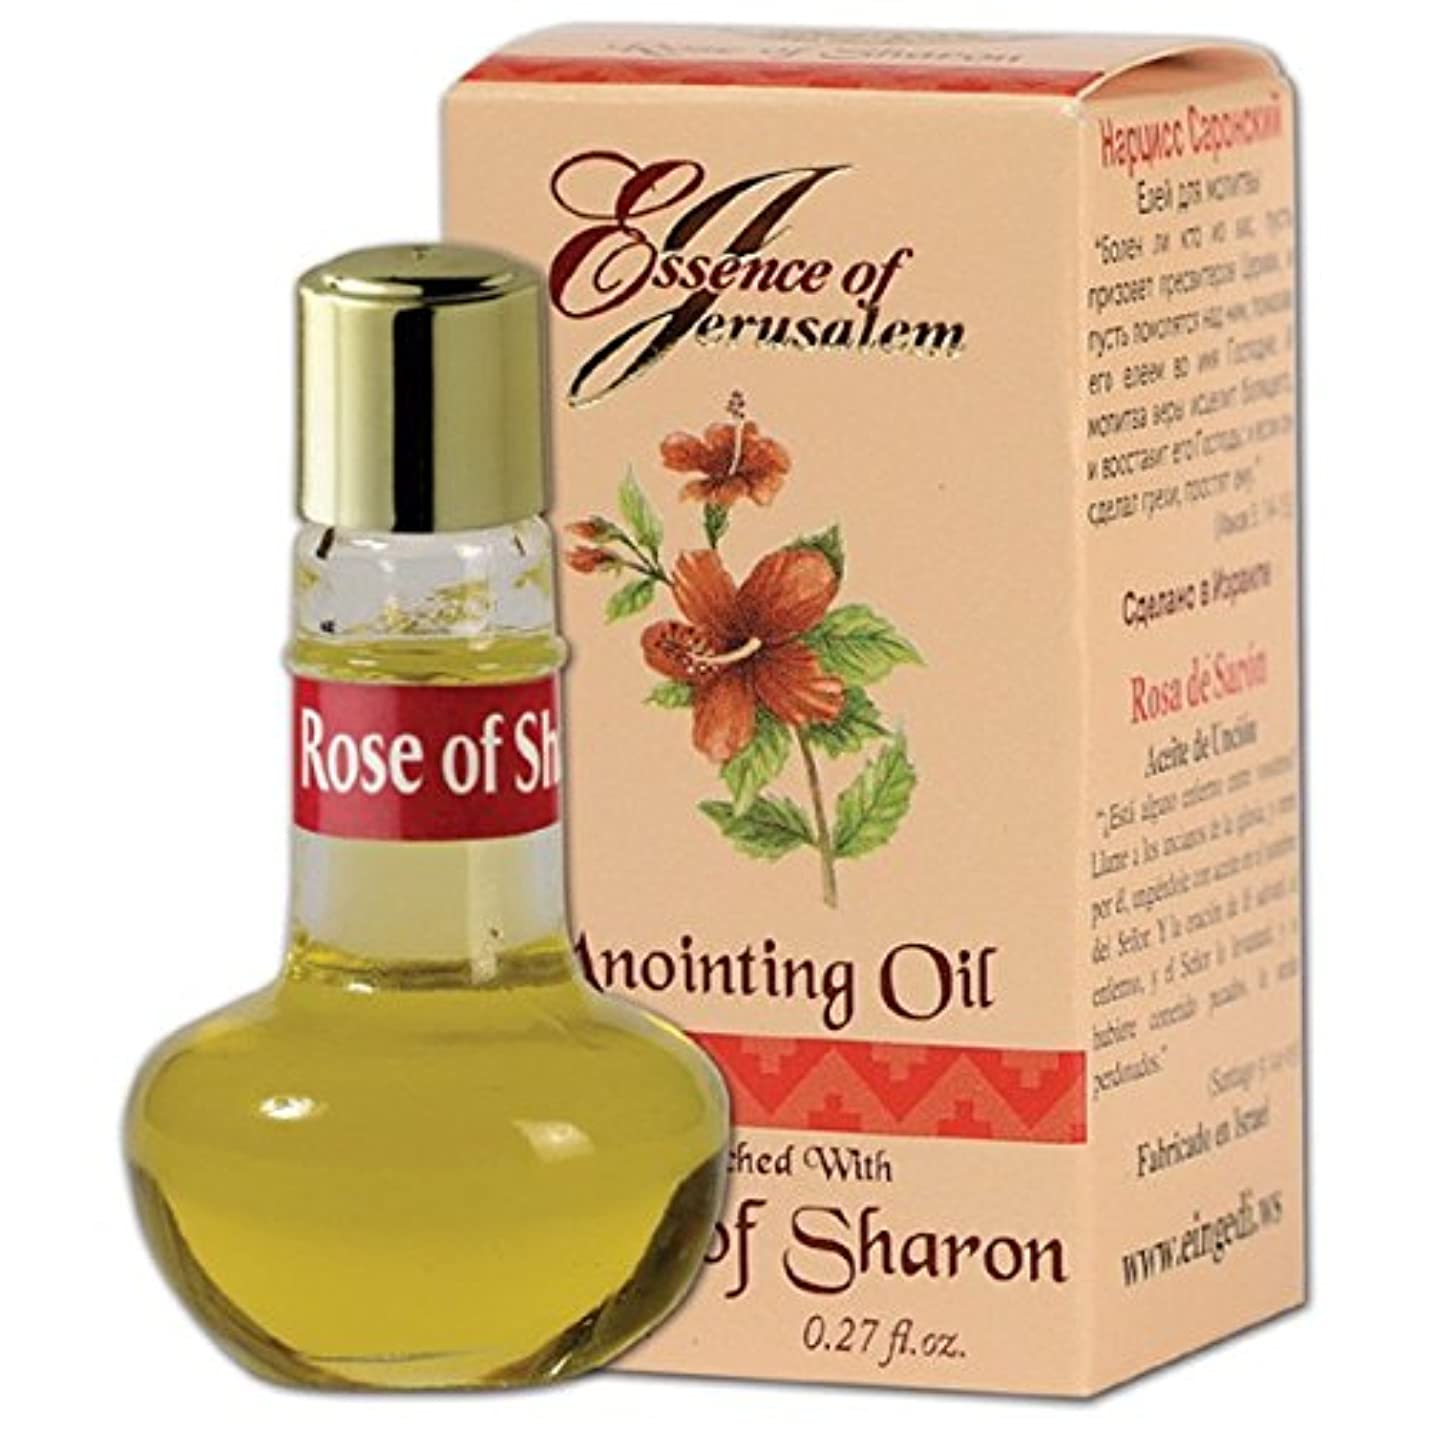 闇誘惑する章Essence of Jerusalem Anointing Oil Enriched with Biblicalスパイス0.27 FL OZ byベツレヘムギフトTM